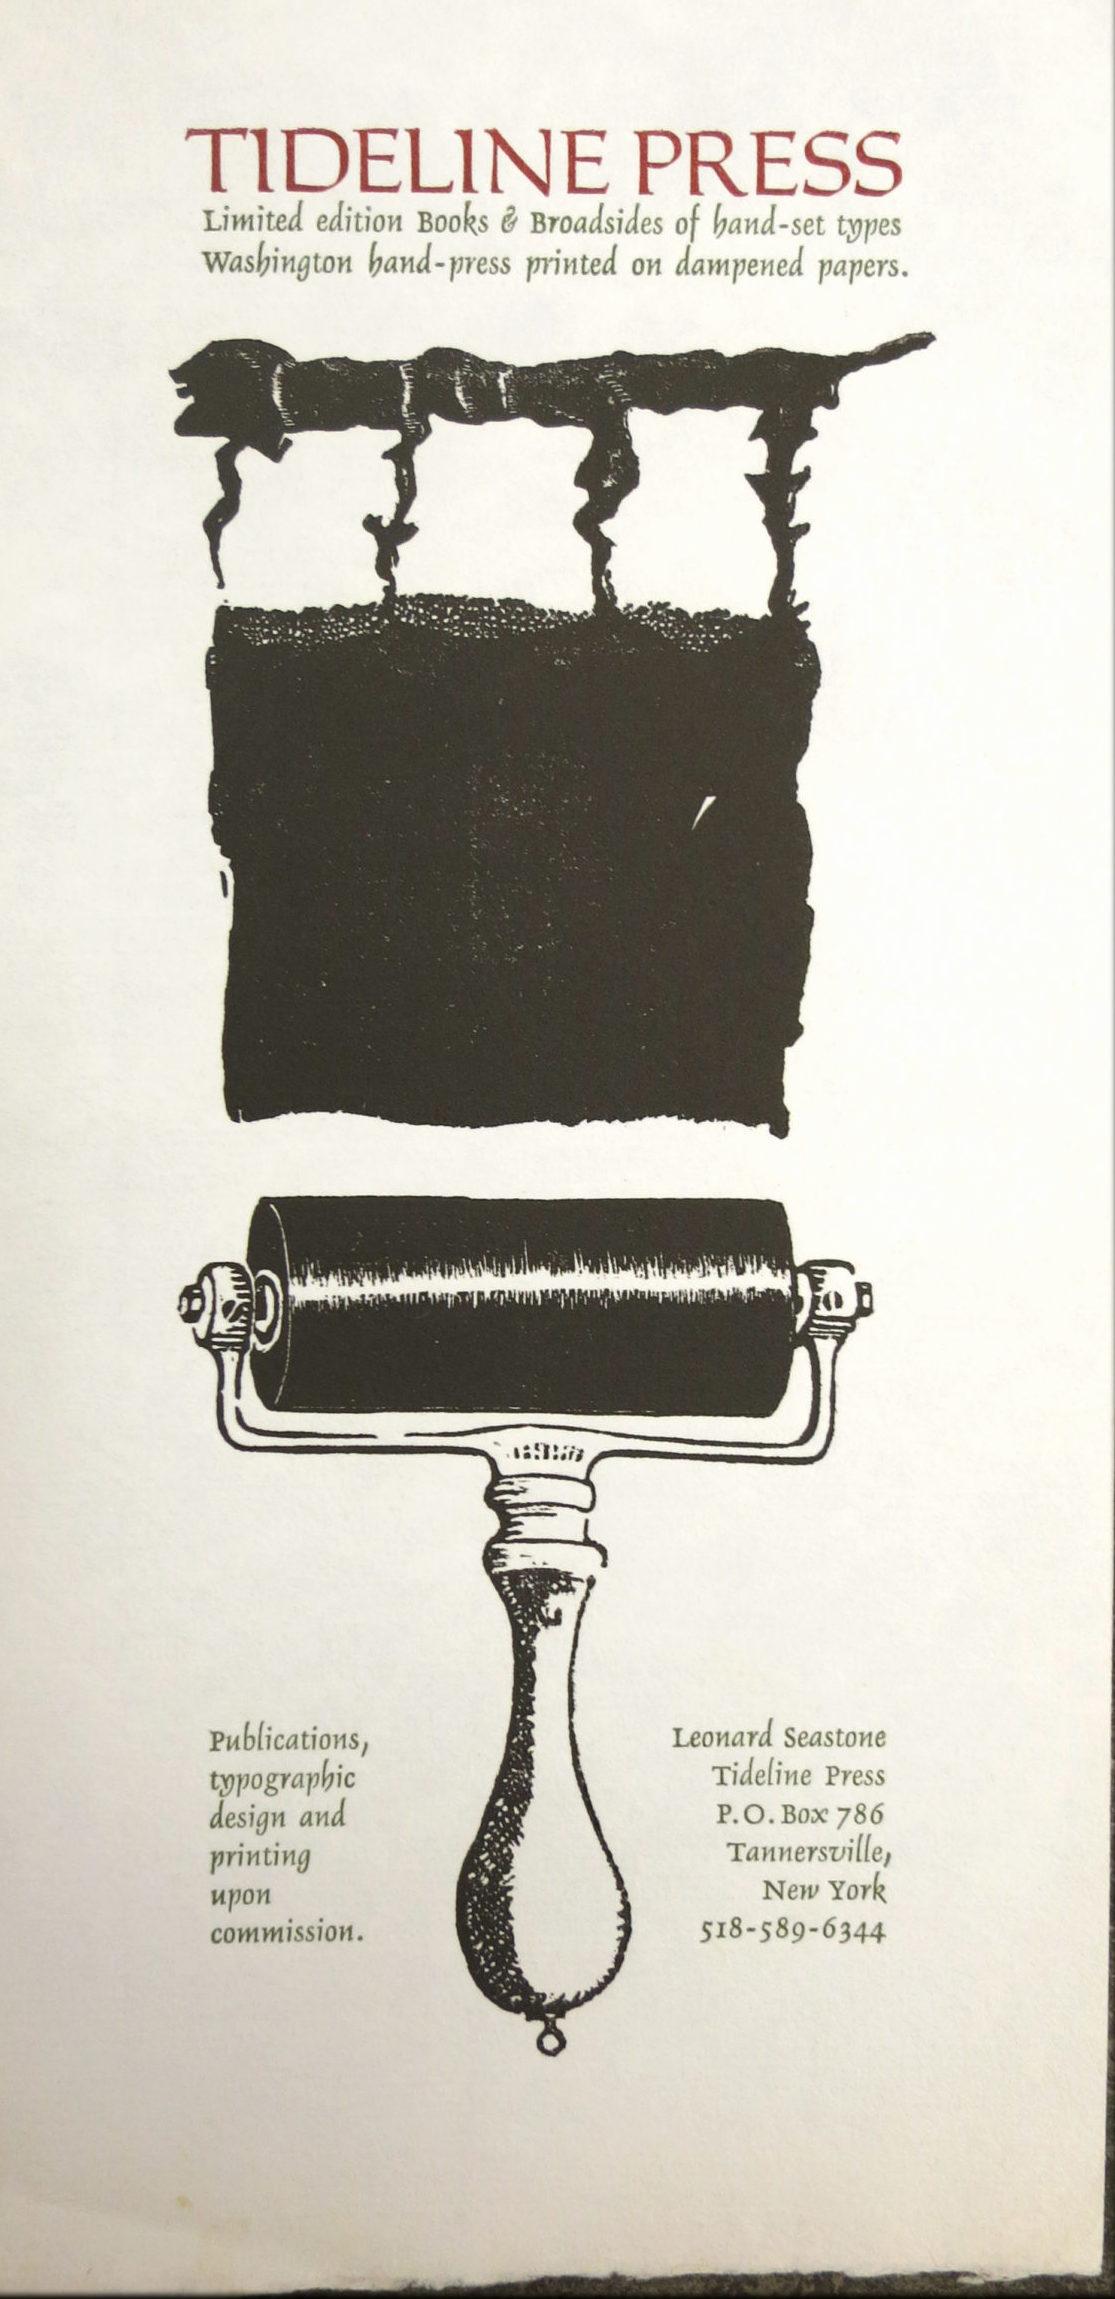 Tideline Press printer's ink roller